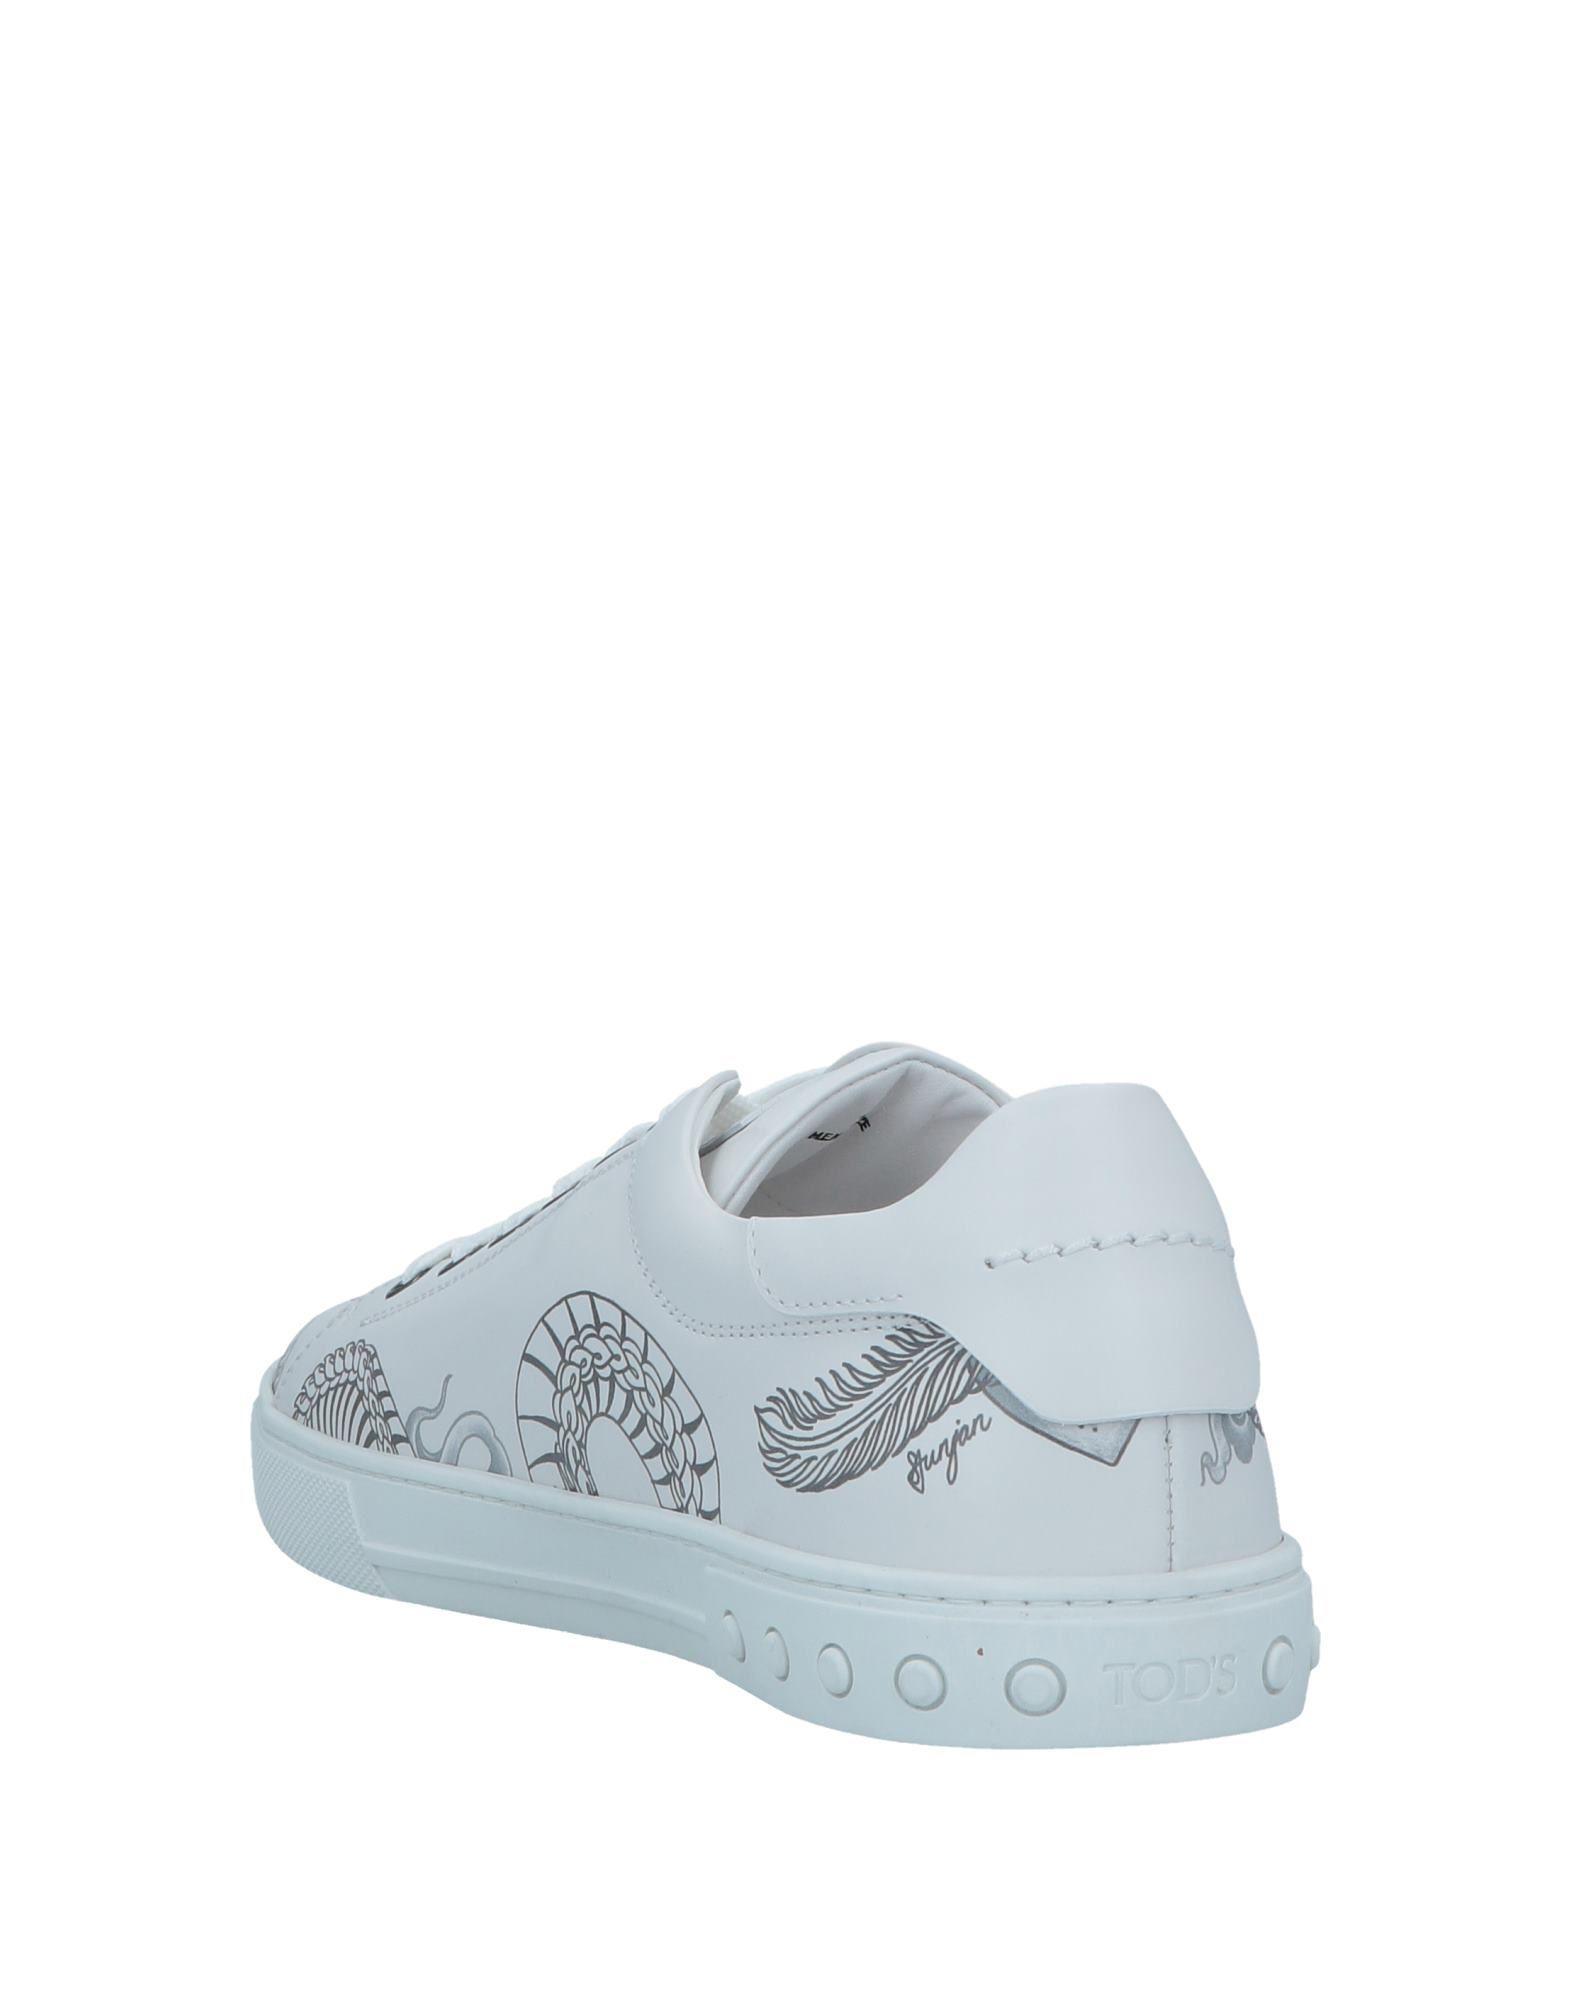 Sneakers & Tennis basses Tod's pour homme en coloris Blanc RLem